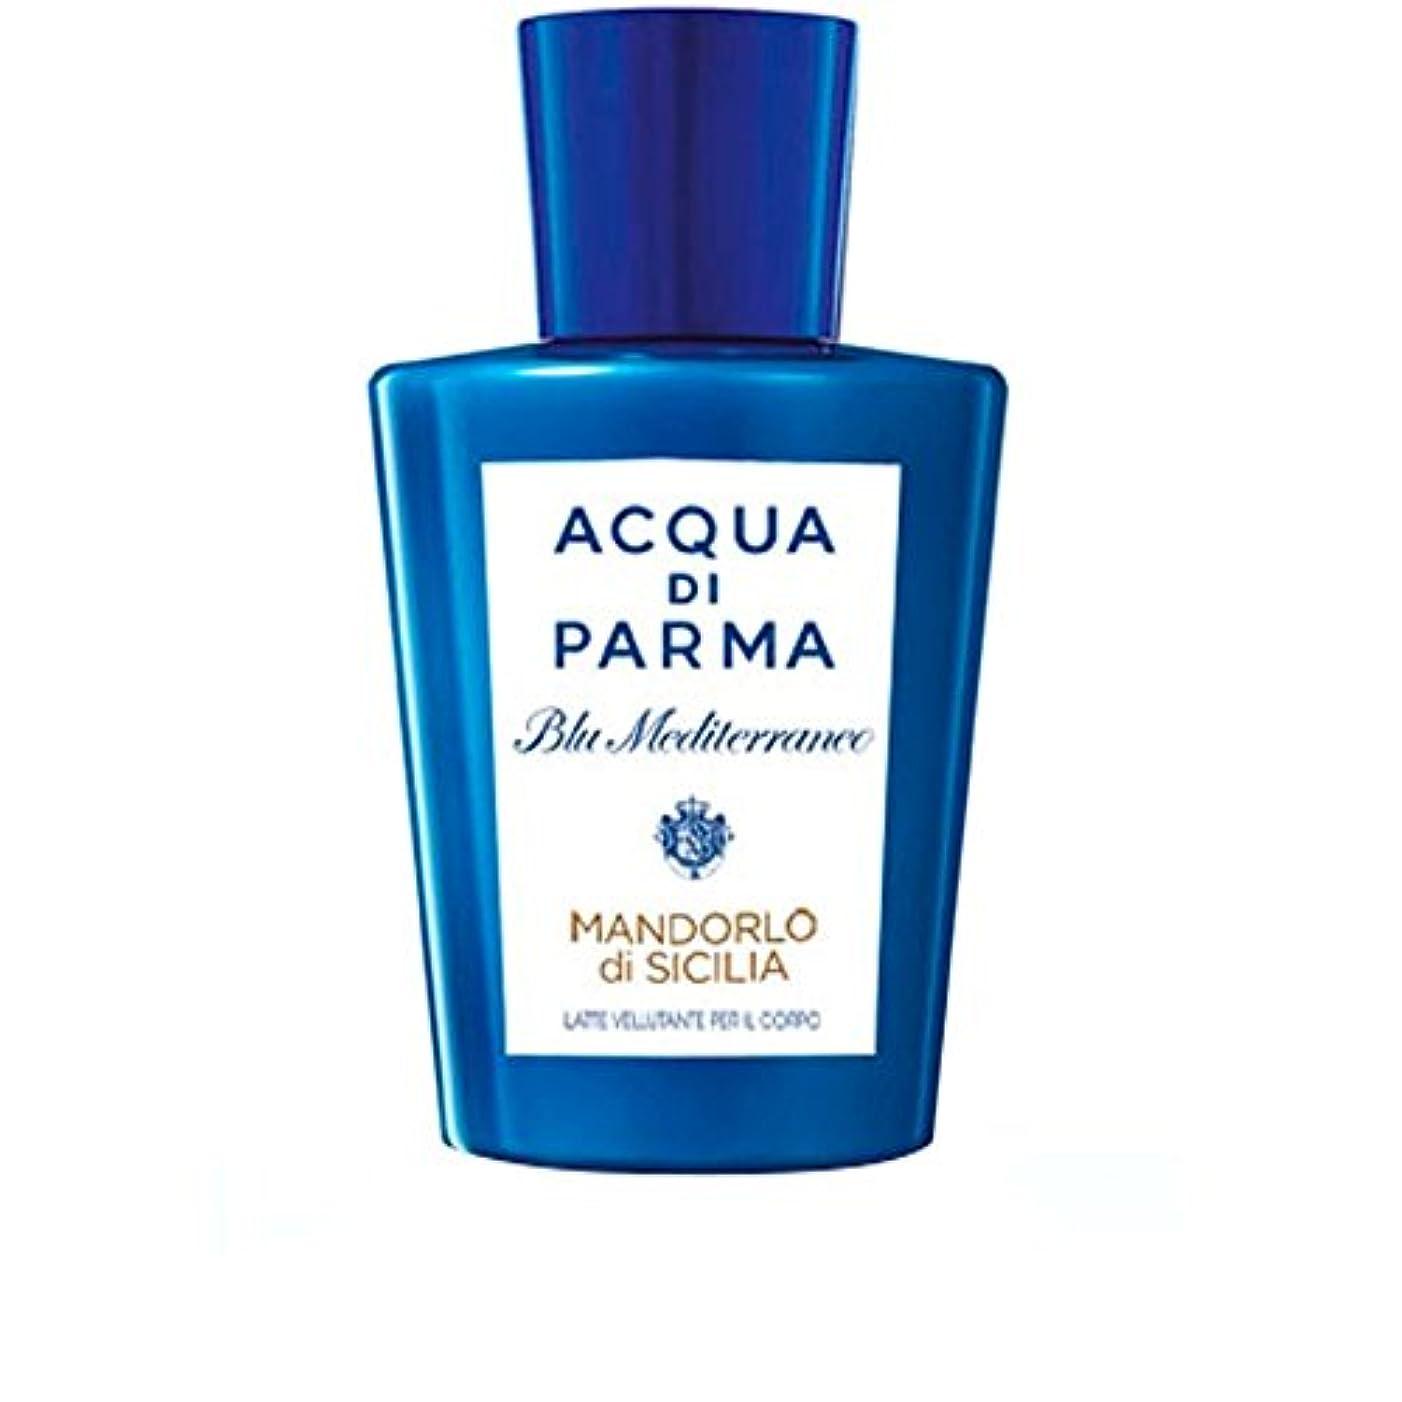 サンダル出版可動Acqua Di Parma Mandorlo Di Sicilia Pampering Body Lotion 200ml (Pack of 6) - アクアディパルママンドルロ?ディ?シチリア至福のボディローション200...